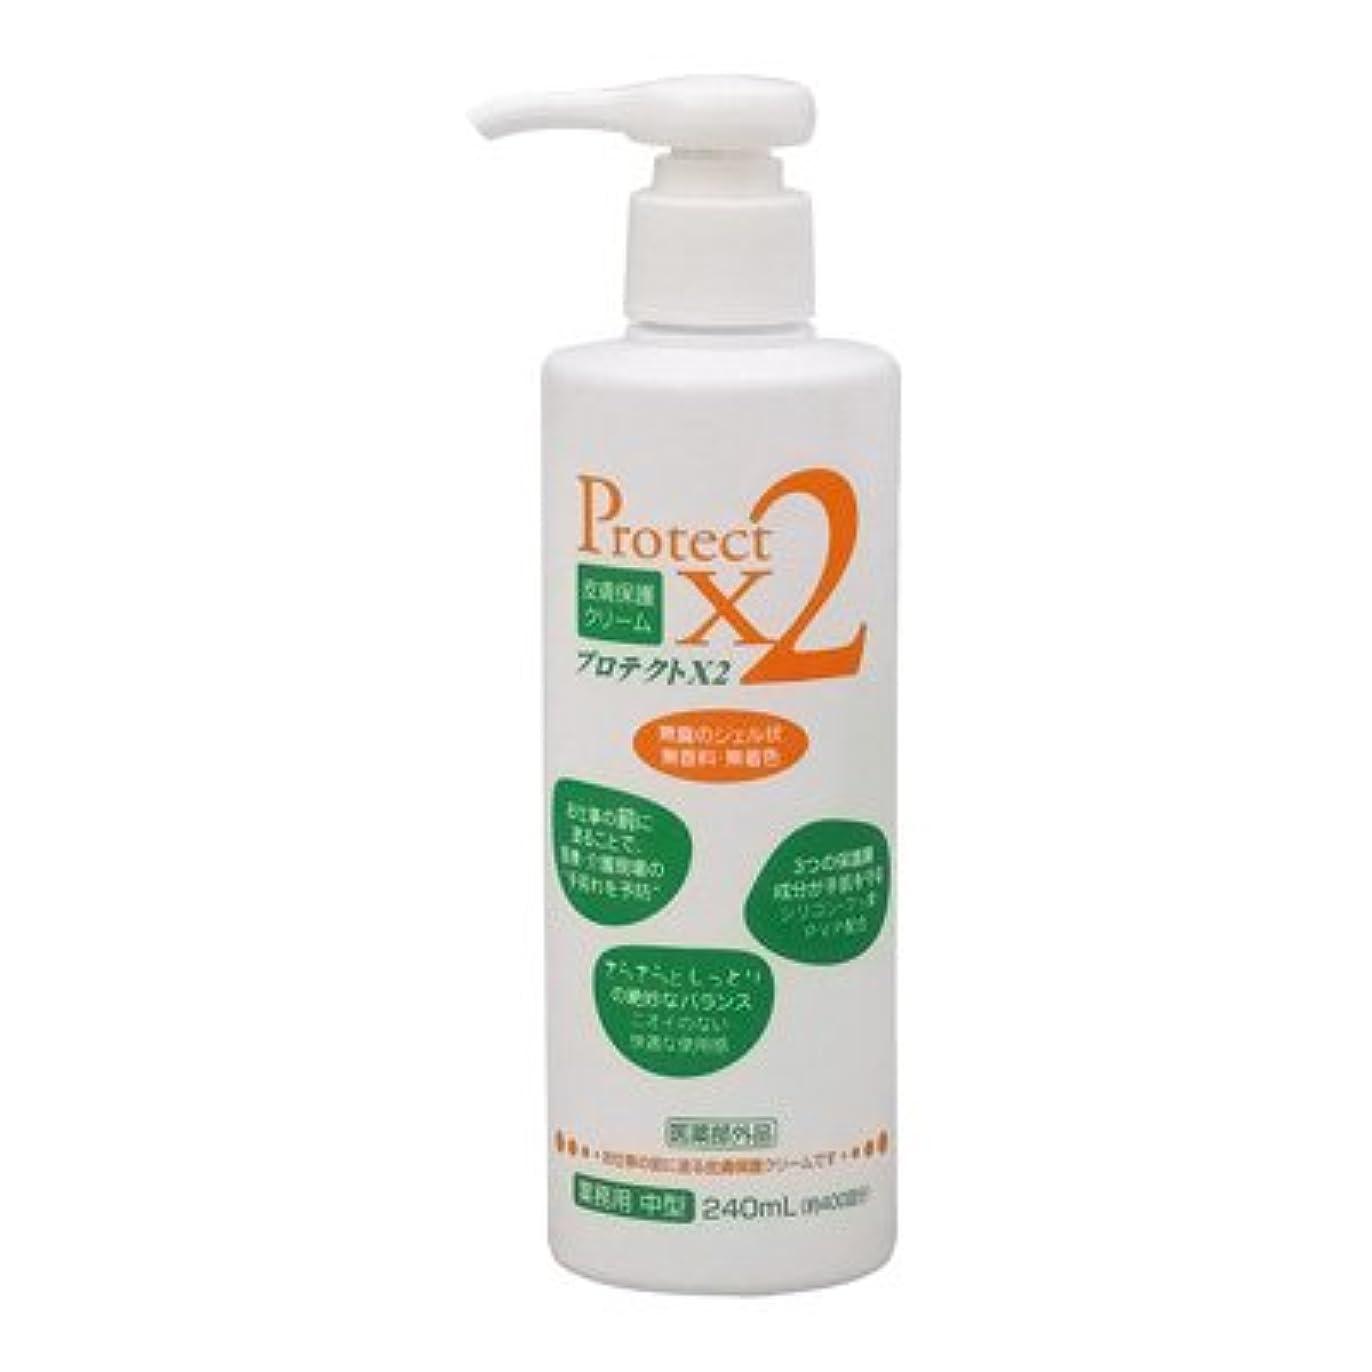 あごひげ部分的皮膚保護クリーム プロテクトX2 240ml(中型)